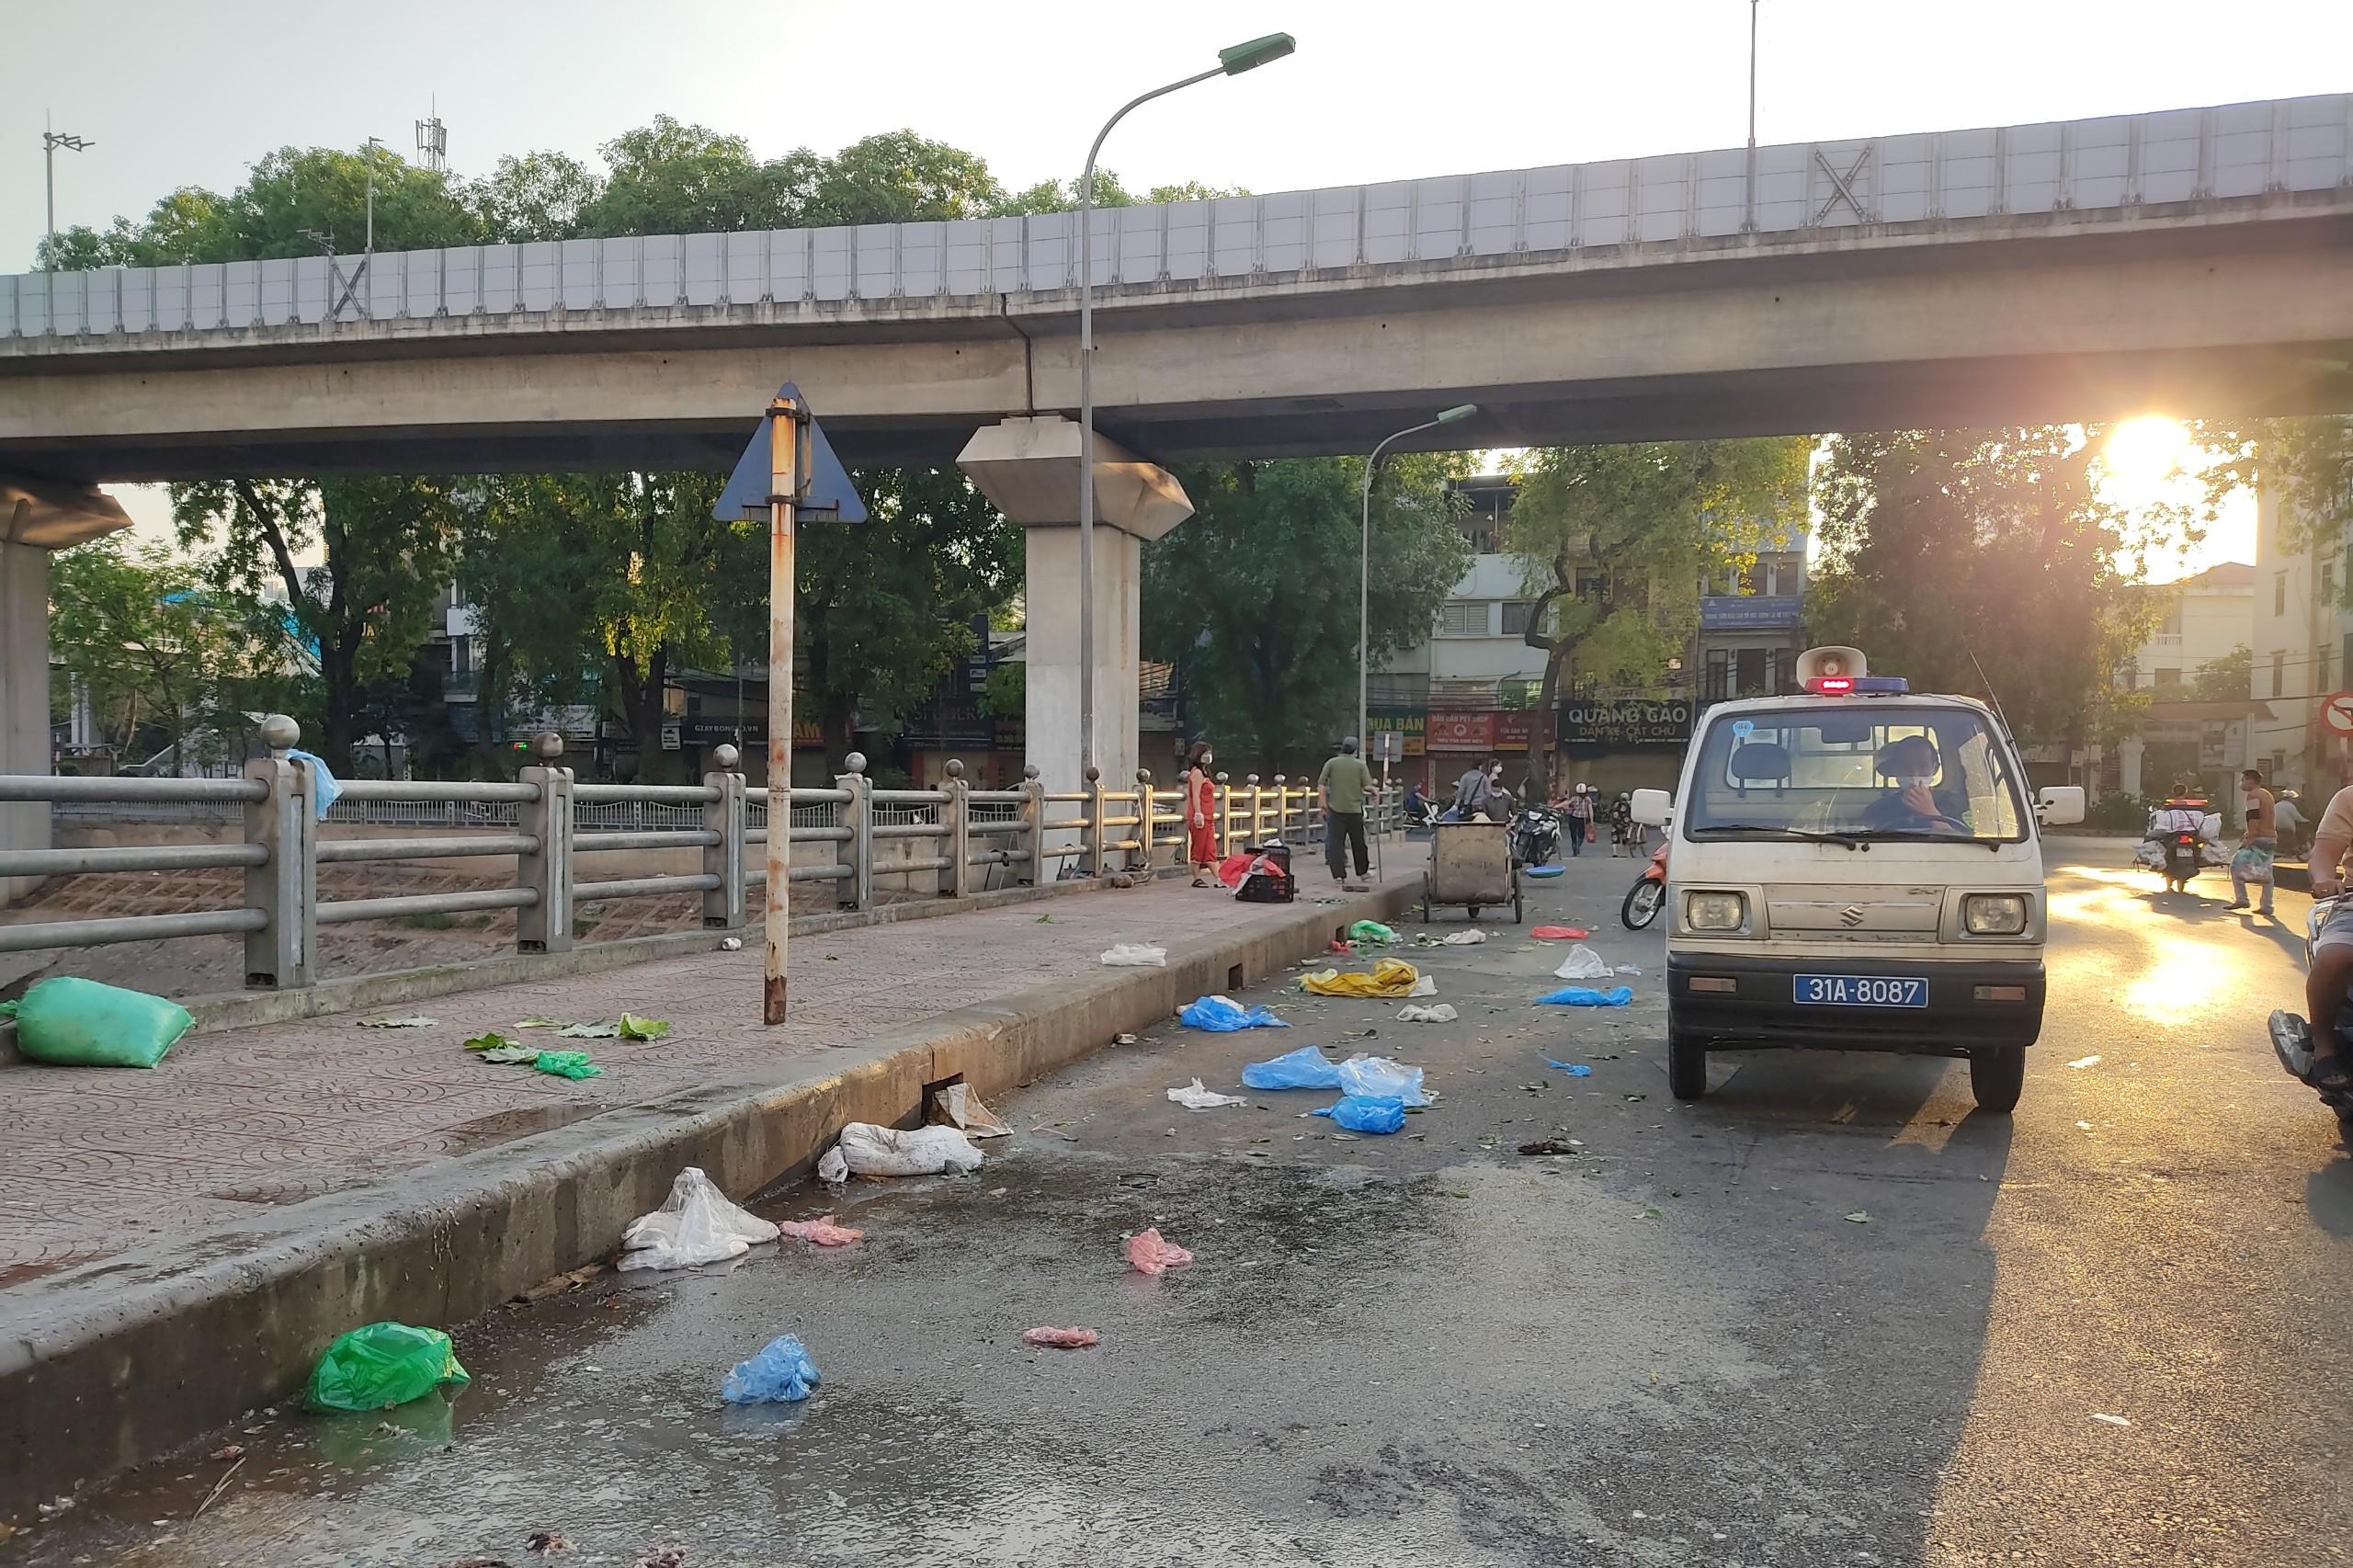 Chợ cóc, chợ tạm ở Hà Nội vẫn hoạt động bất chấp lệnh cấm - Ảnh 6.